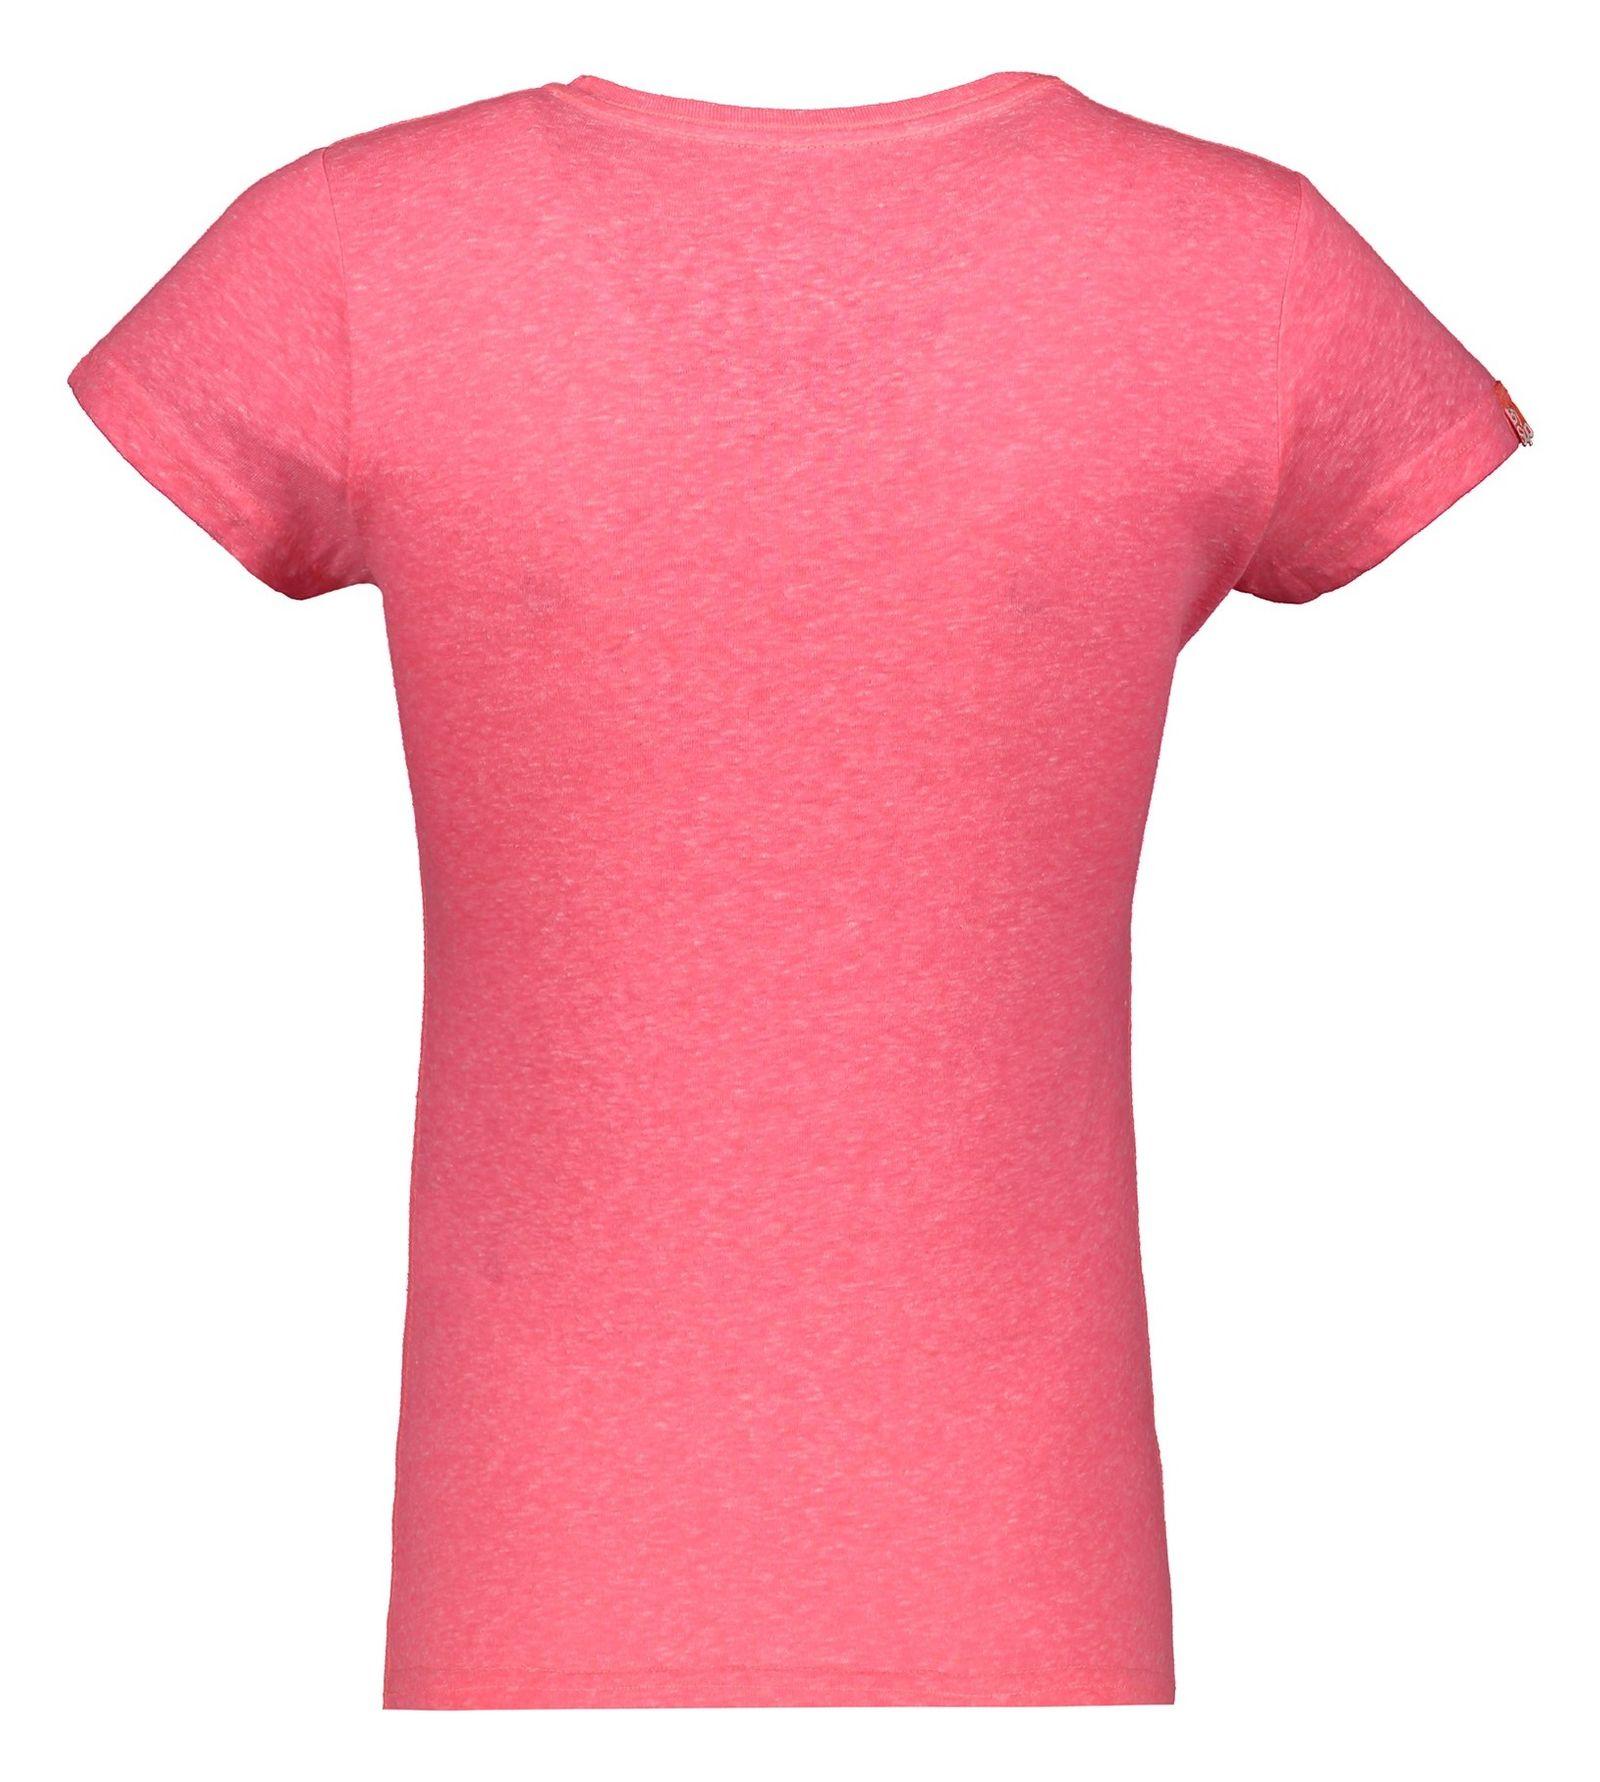 تی شرت نخی زنانه - سوپردرای - صورتي - 2